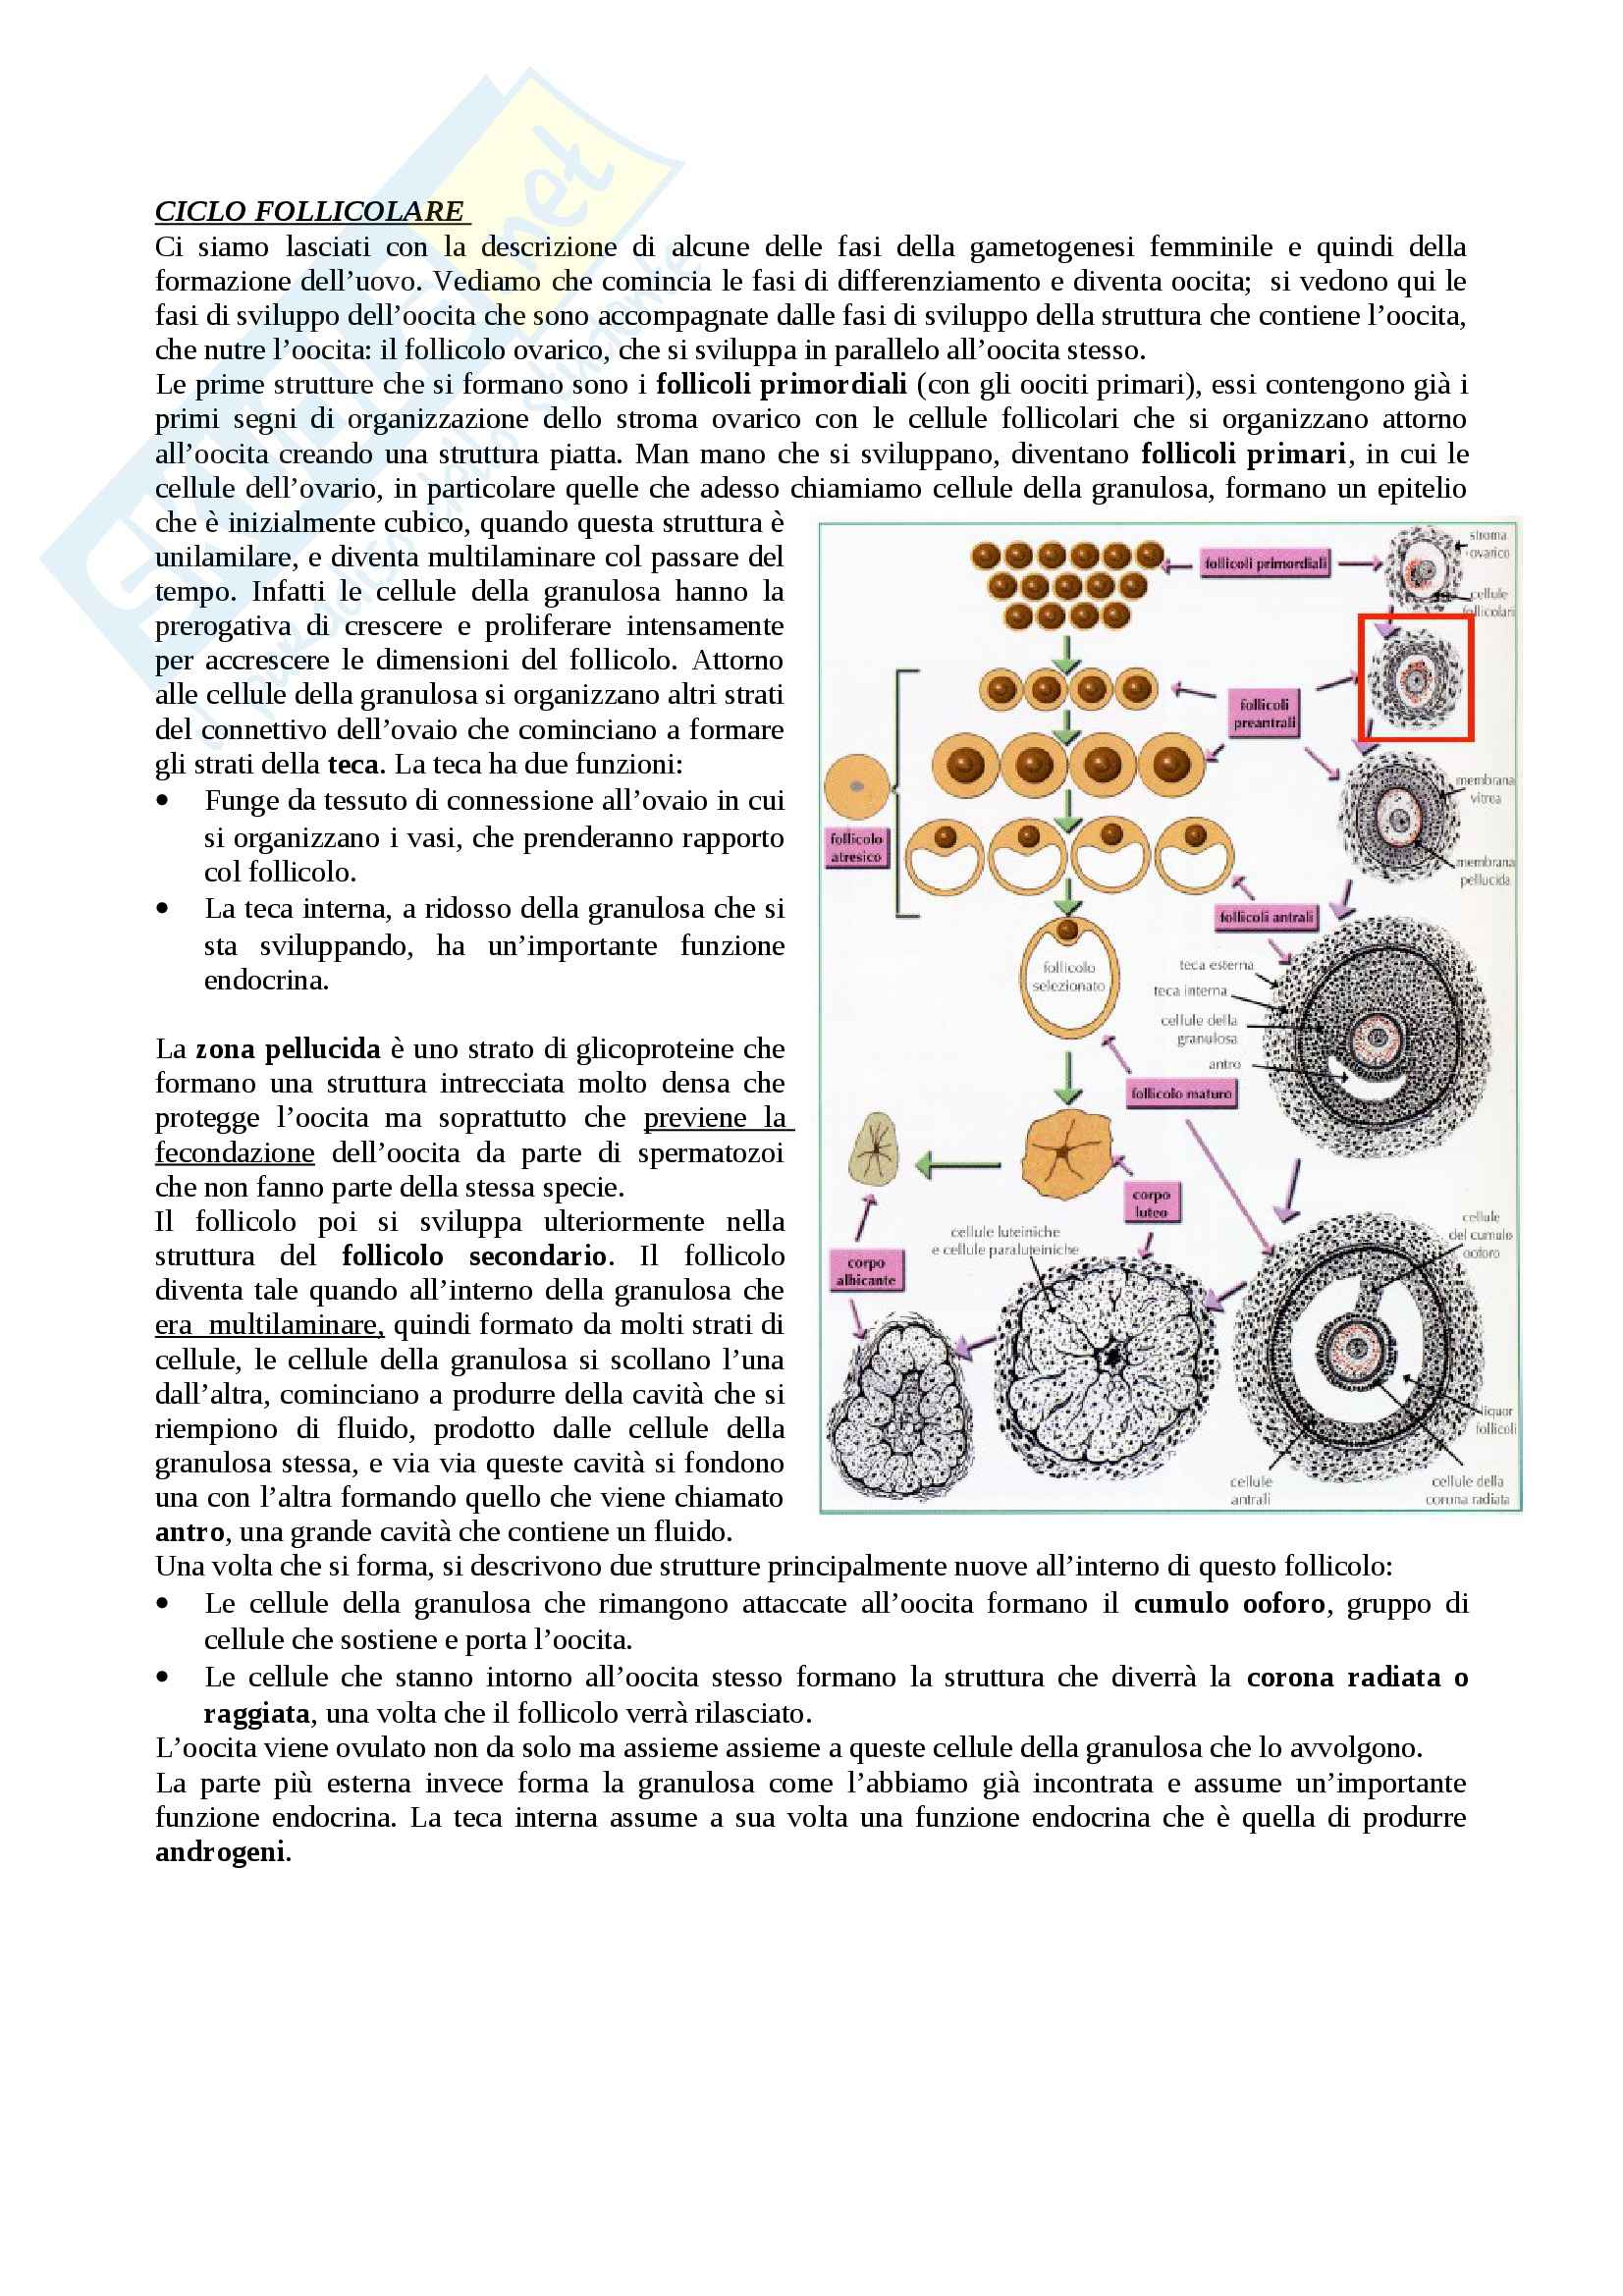 Ciclo follicolare e Fecondazione, Embriologia